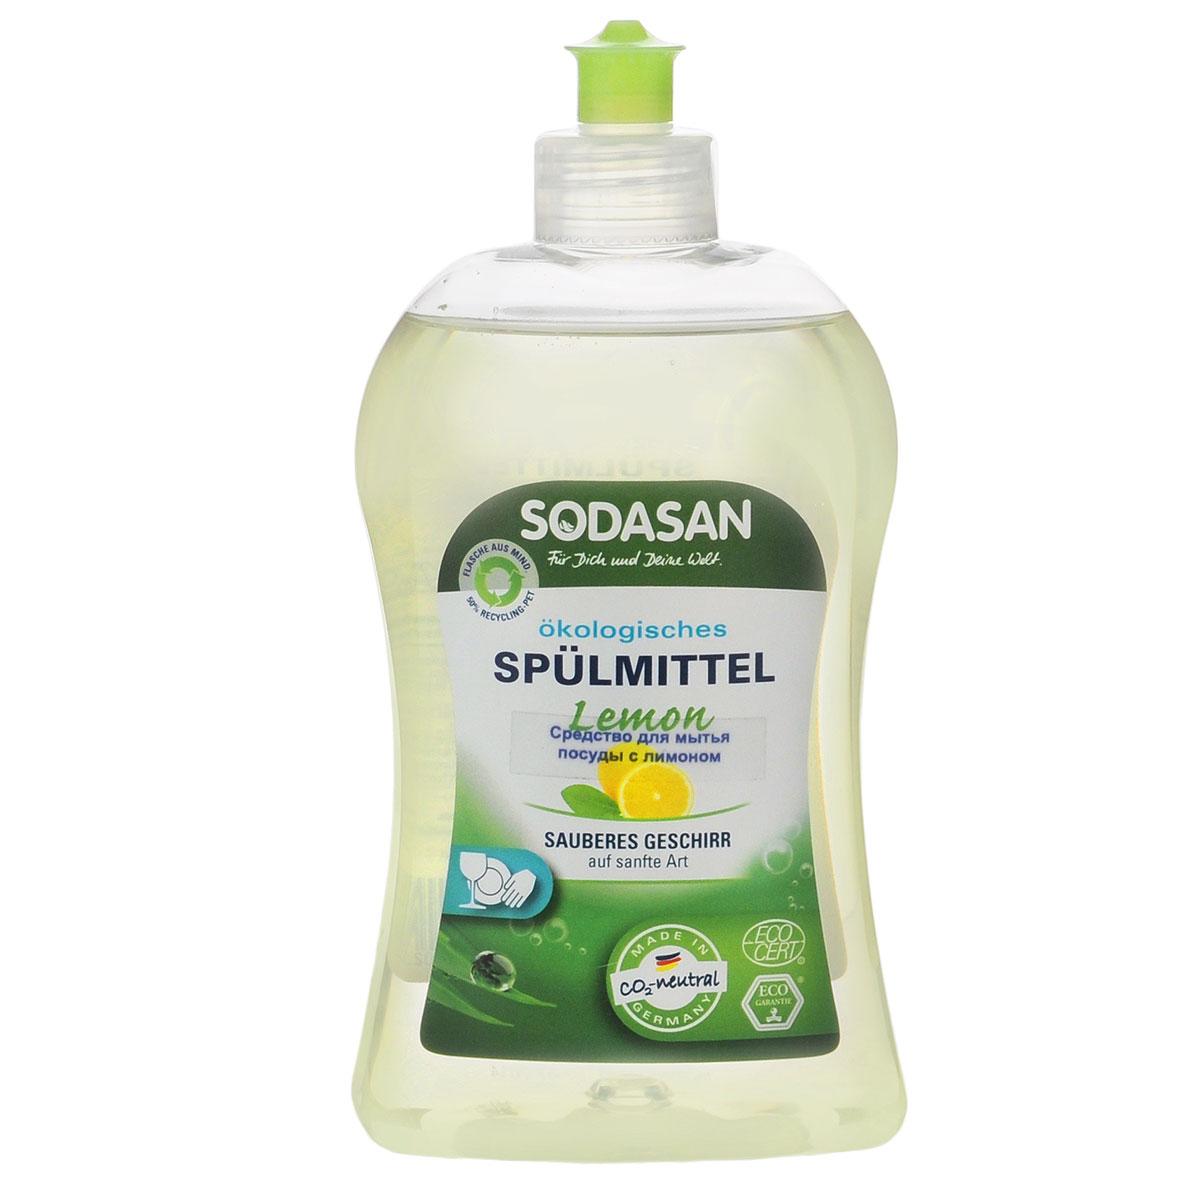 Жидкое средство Sodasan для мытья посуды, с запахом лимона, 500 мл68/5/3Жидкое средство Sodasan качественно и безопасно моет посуду без лишних усилий. Быстро удаляет загрязнения и жир. Придает посуде блеск и не оставляет разводов.В состав входят только безопасные растительные ингредиенты органического происхождения.Специальная формула защищает ваши руки от пересыхания и делает их мягкими на ощупь.Экономично в использовании. Характеристики:Объем: 500 мл. Артикул:2306. Товар сертифицирован.